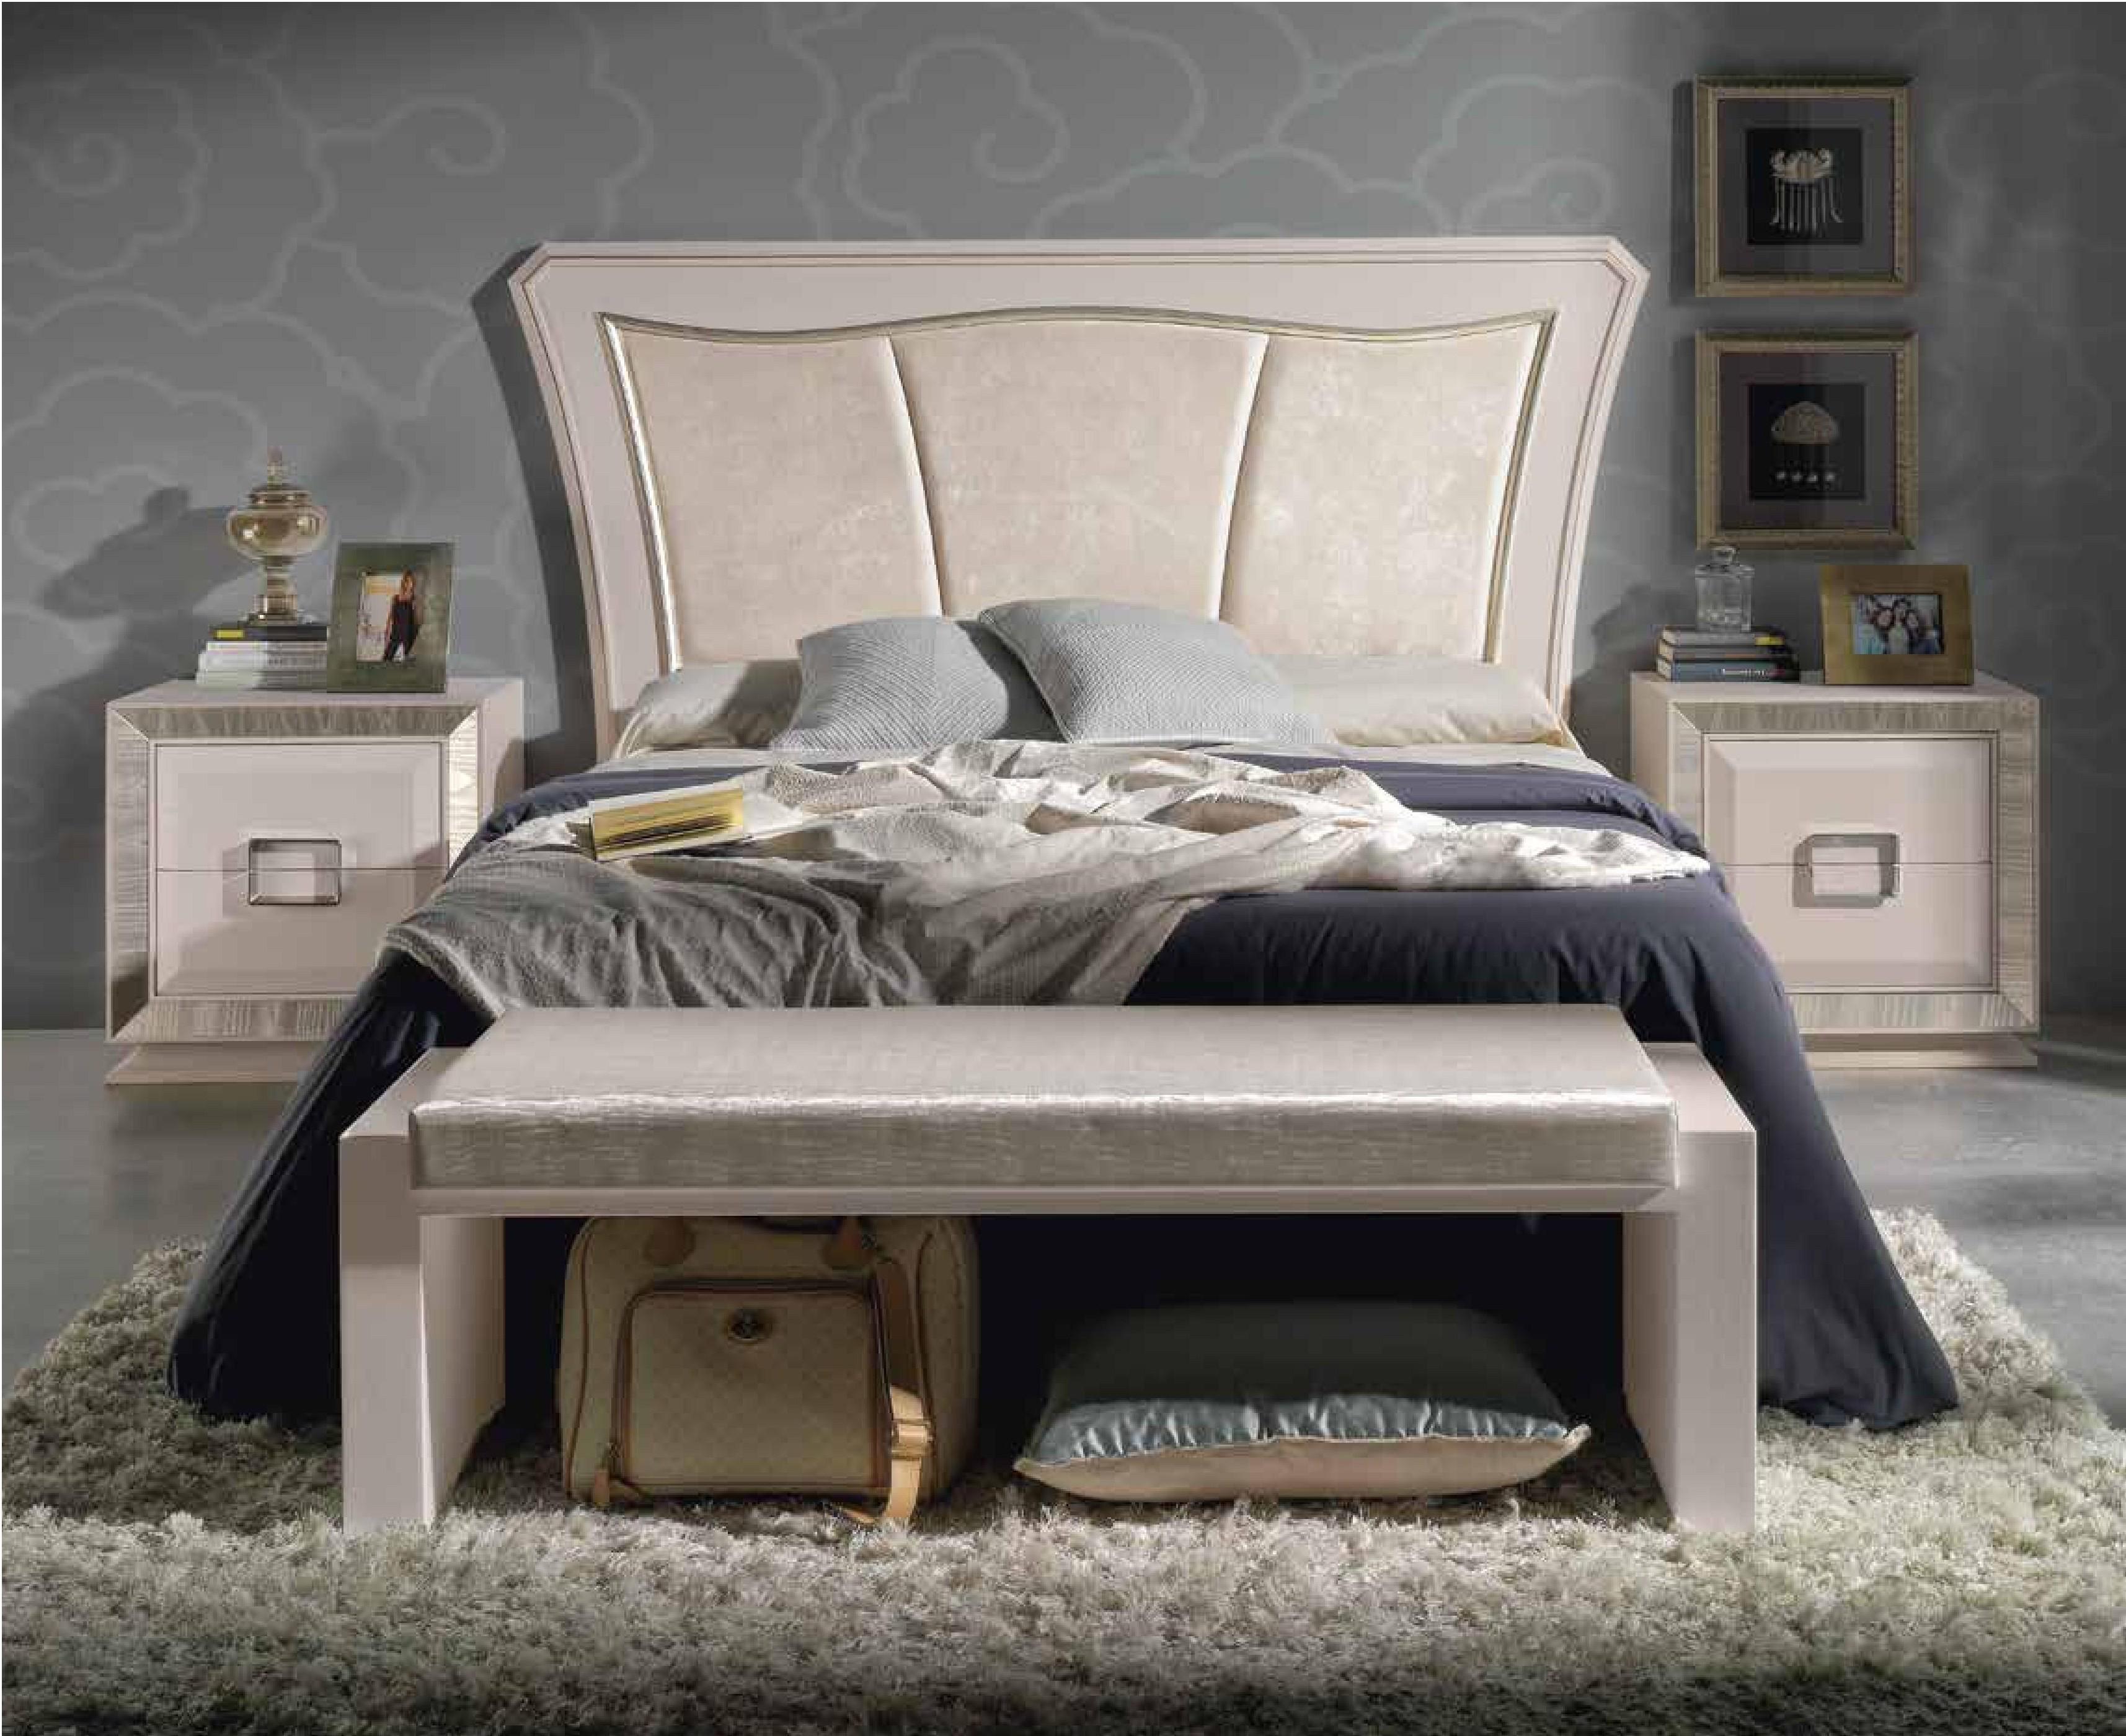 Dormitorio Sicilia Muebles La Ilusi N # Muebles Sicilia